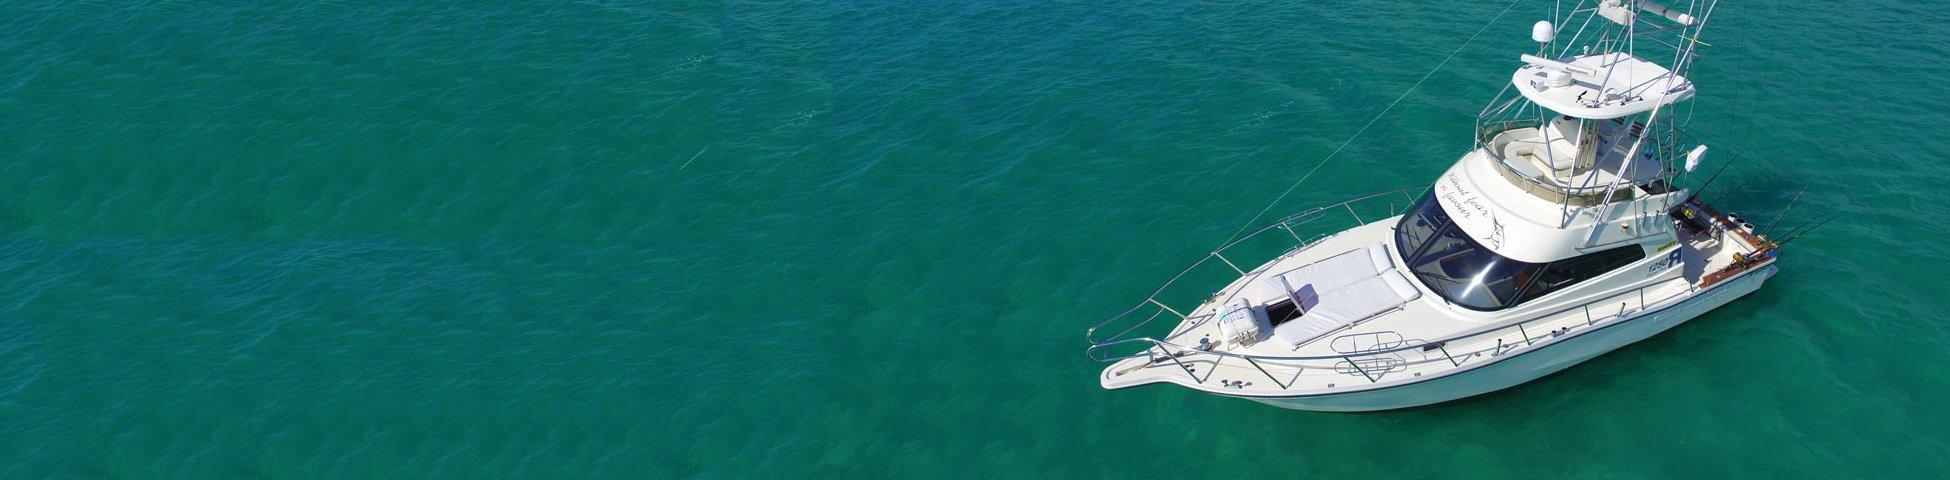 Fishing Boat Rodman - 1250 Volga